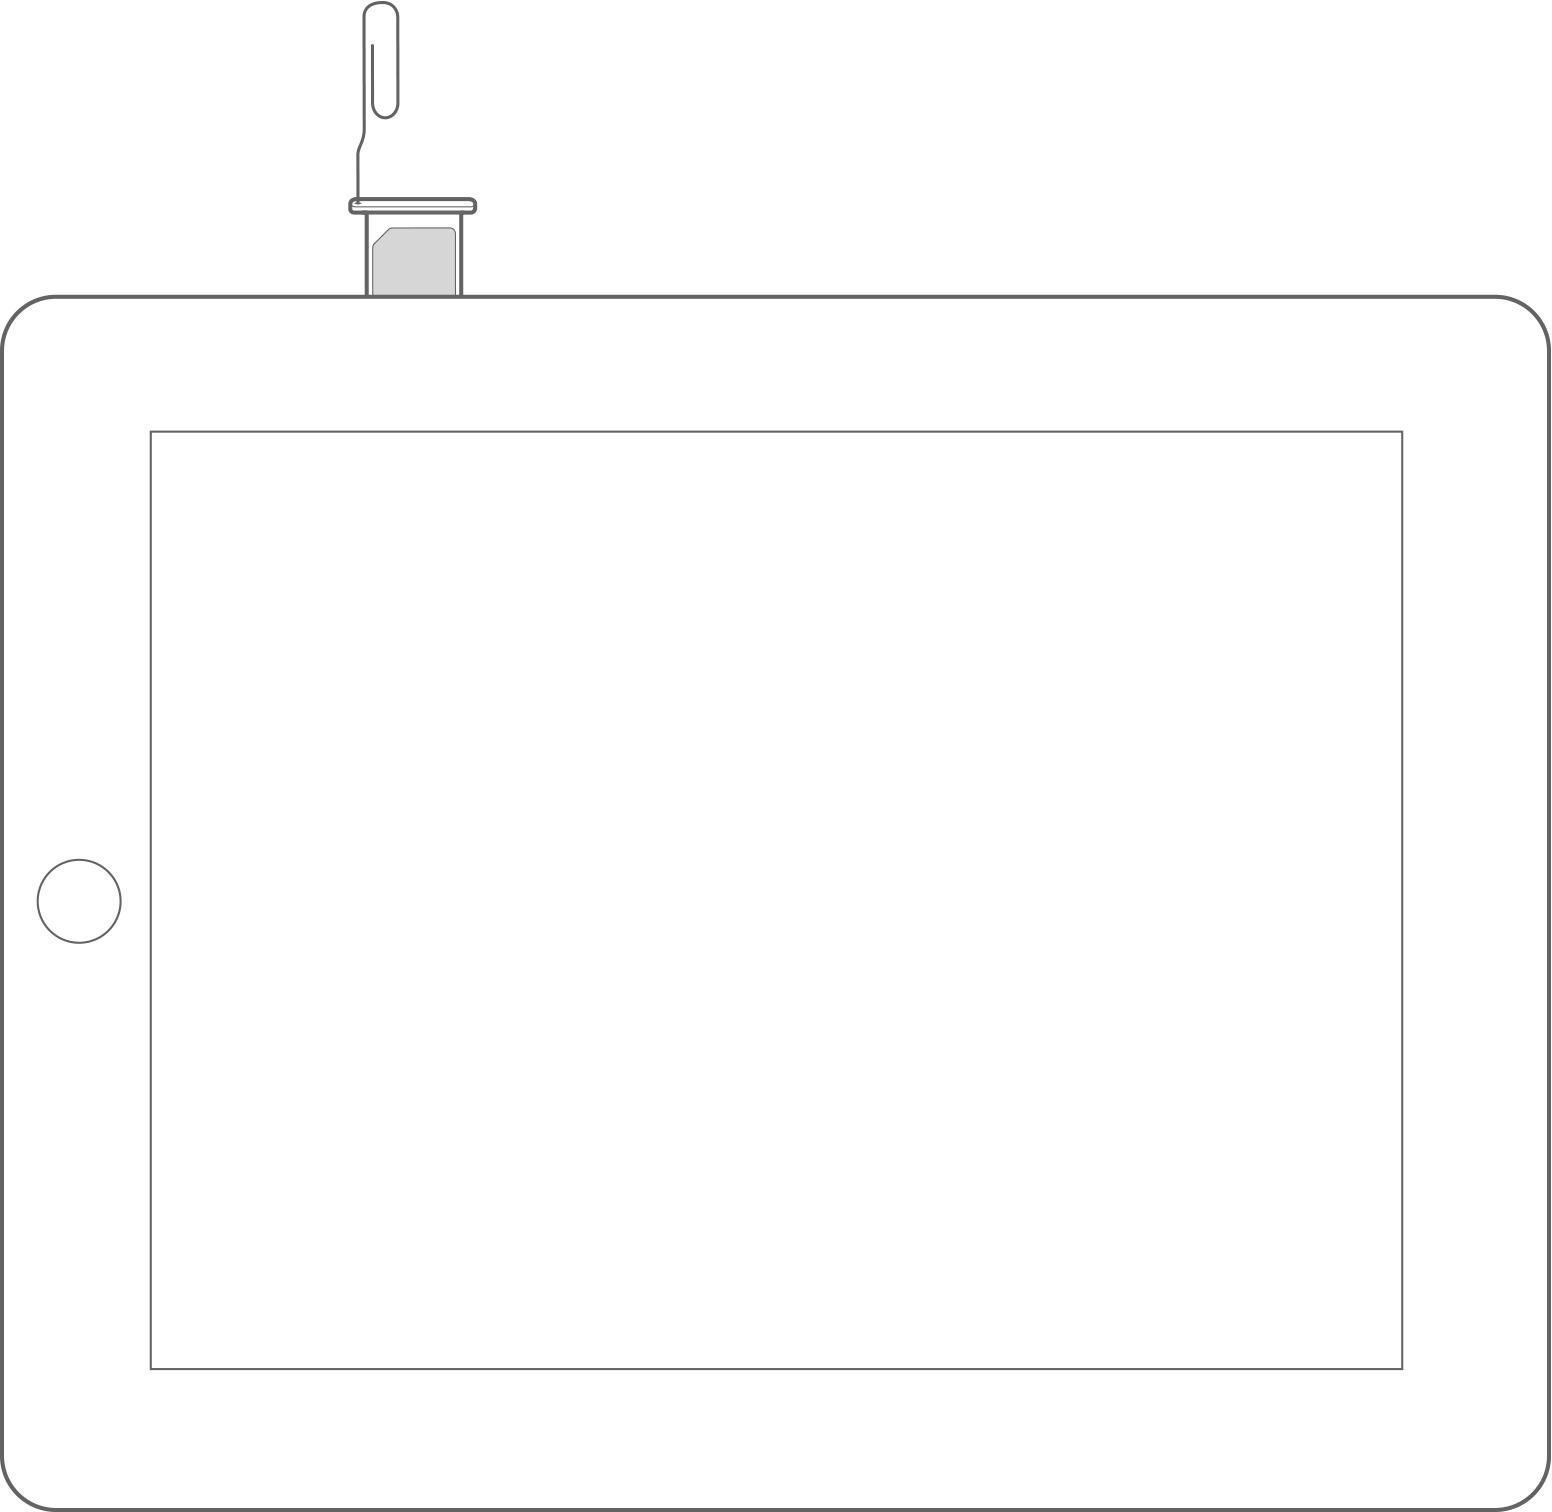 Iphone Sim Karte Einsetzen.Sim Karte Des Iphone Oder Ipad Entnehmen Oder Austauschen Apple